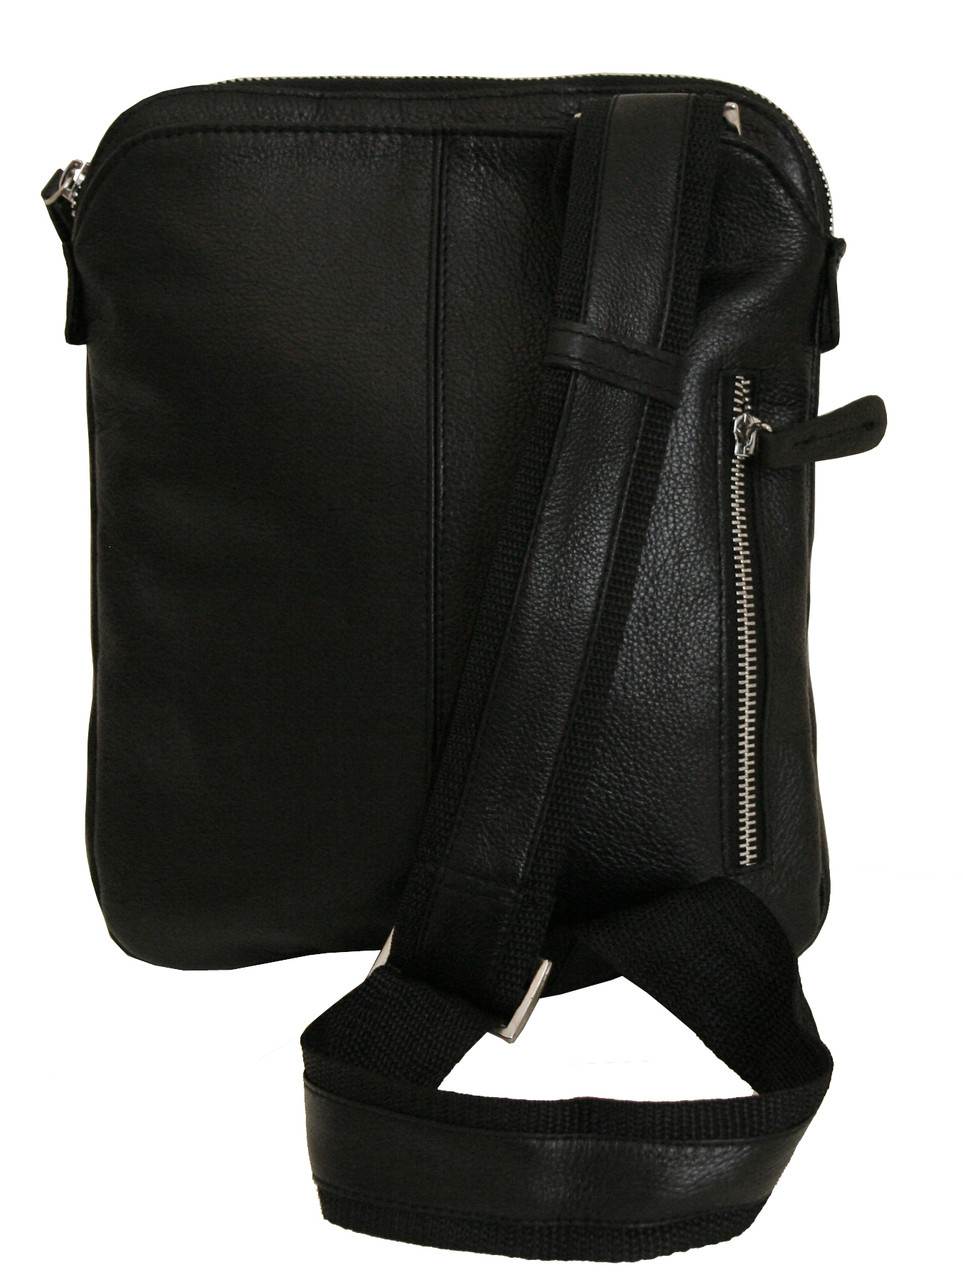 861c7517db33 Мужская сумка-мессенджер кожаная Vip Collection 1440-F Черная - ТОВ